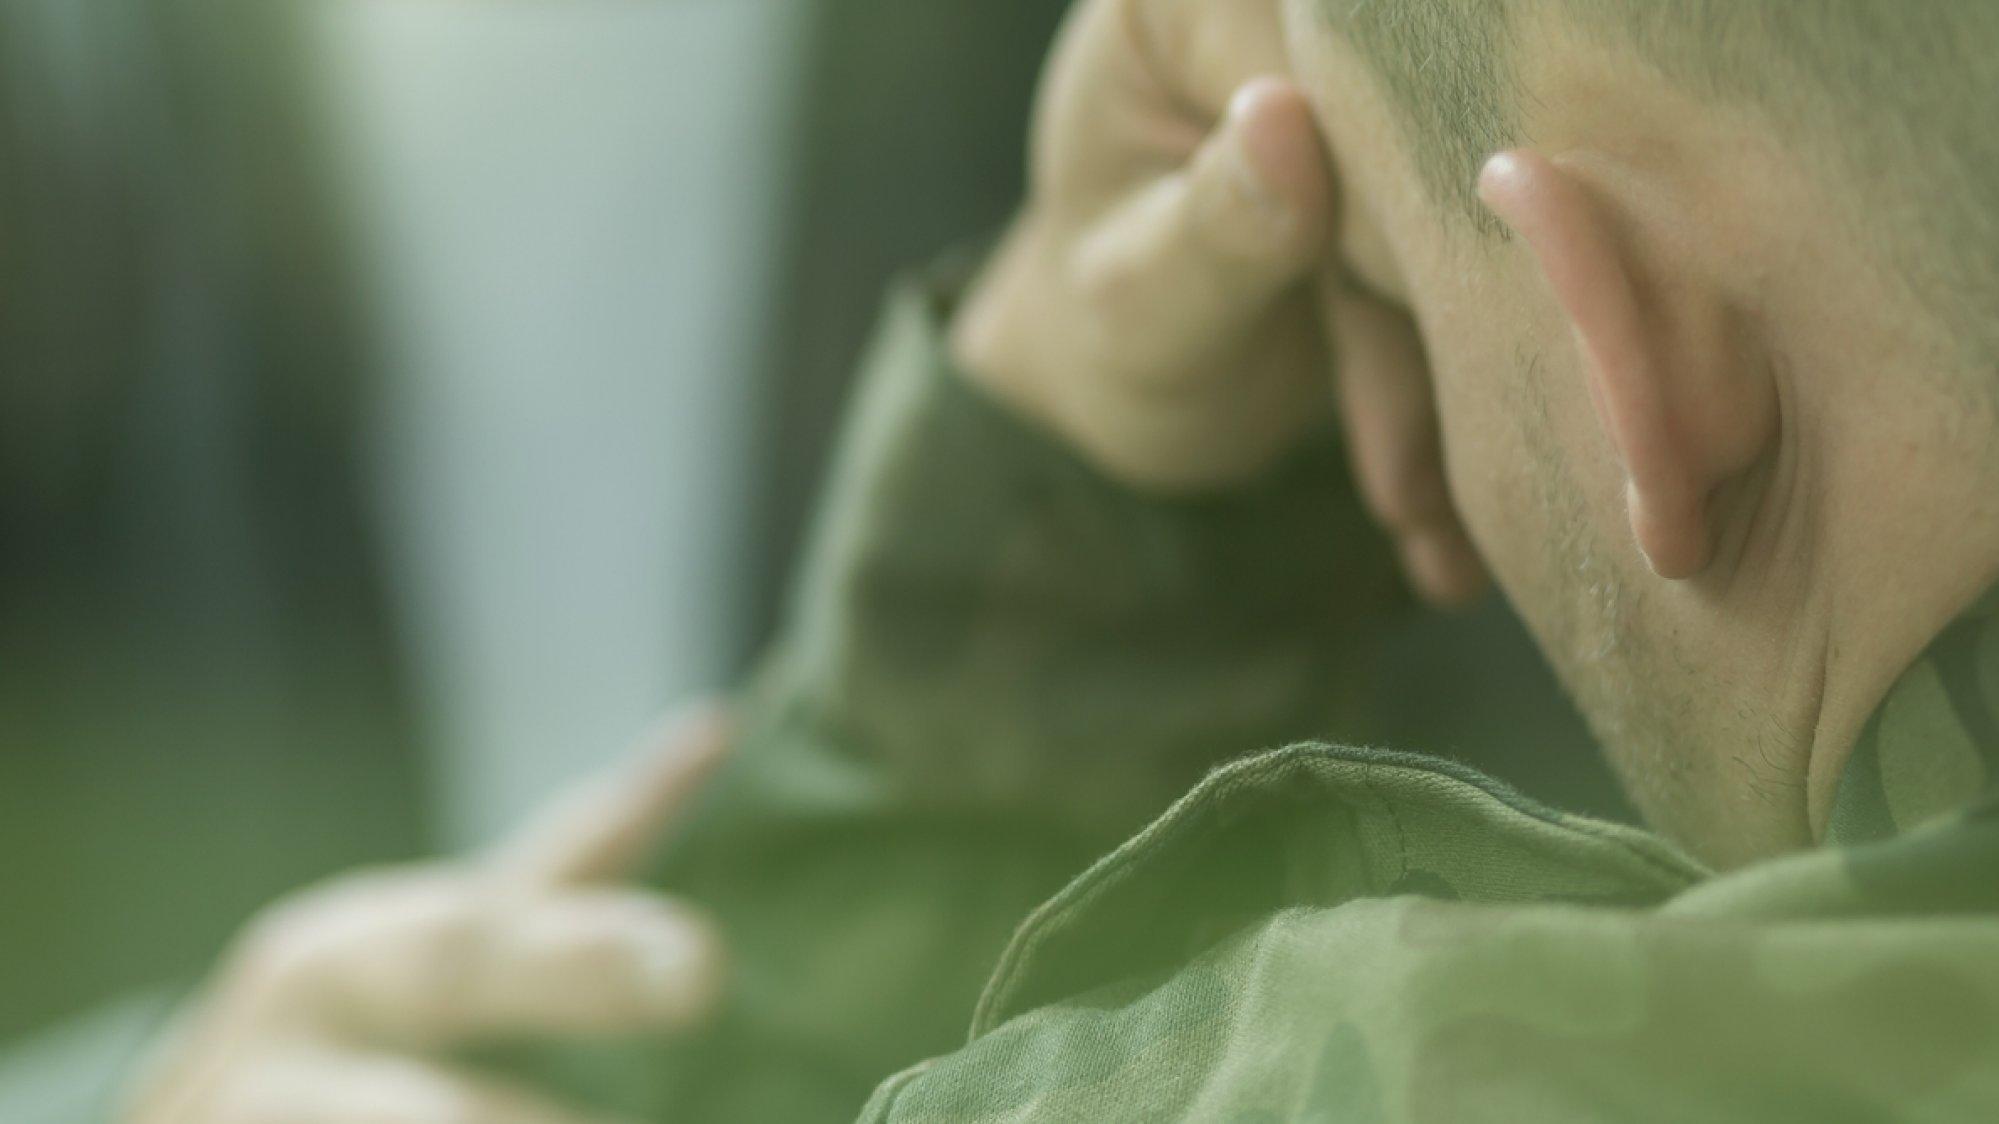 Ein Soldat sitzt abgewandt von der Kamera und verbirgt sein Gesicht hinter den Händen.